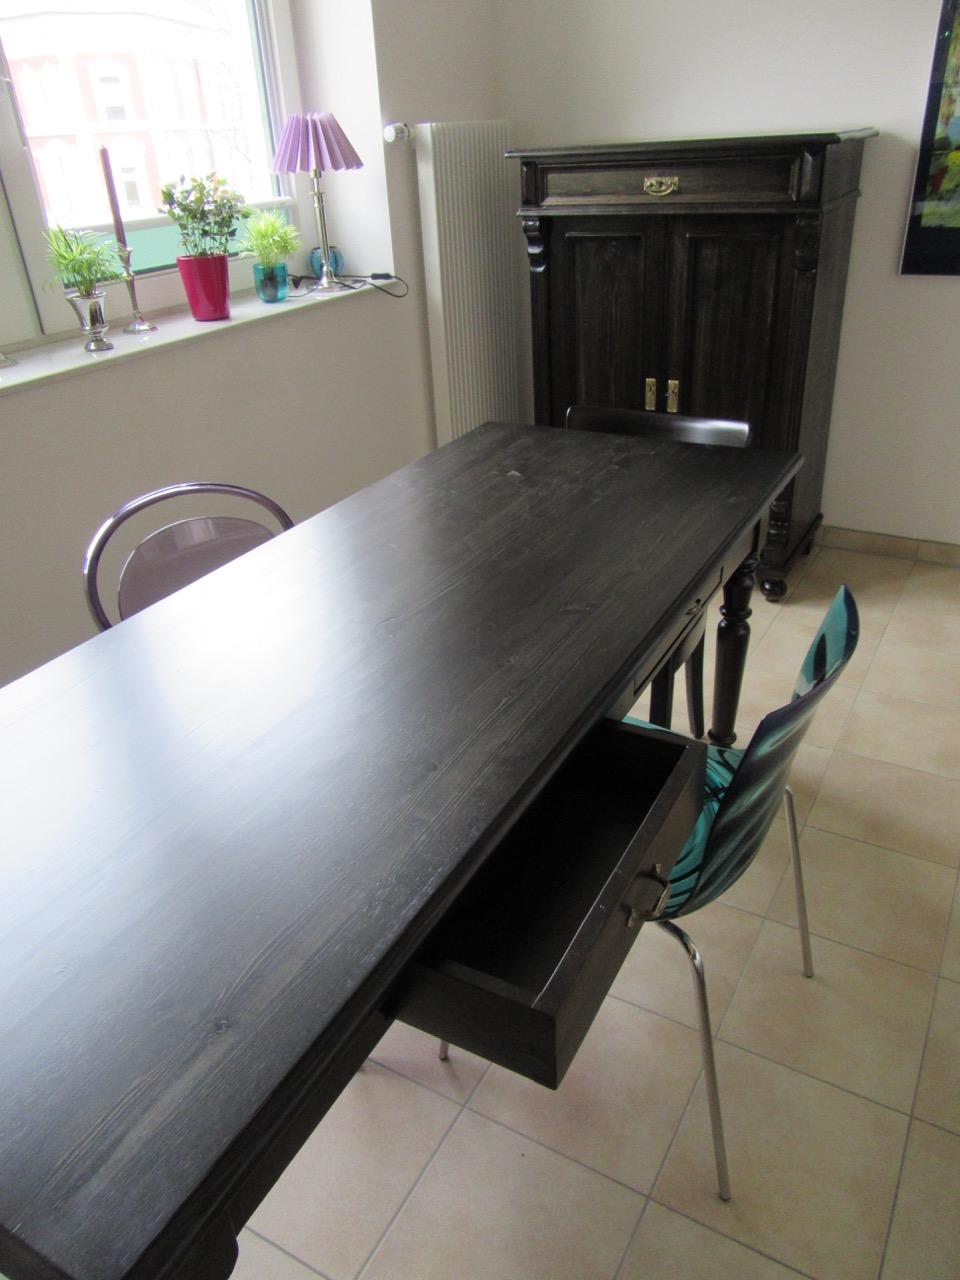 reeseberg tischlerei holzwerkstatt helmeke tischler. Black Bedroom Furniture Sets. Home Design Ideas